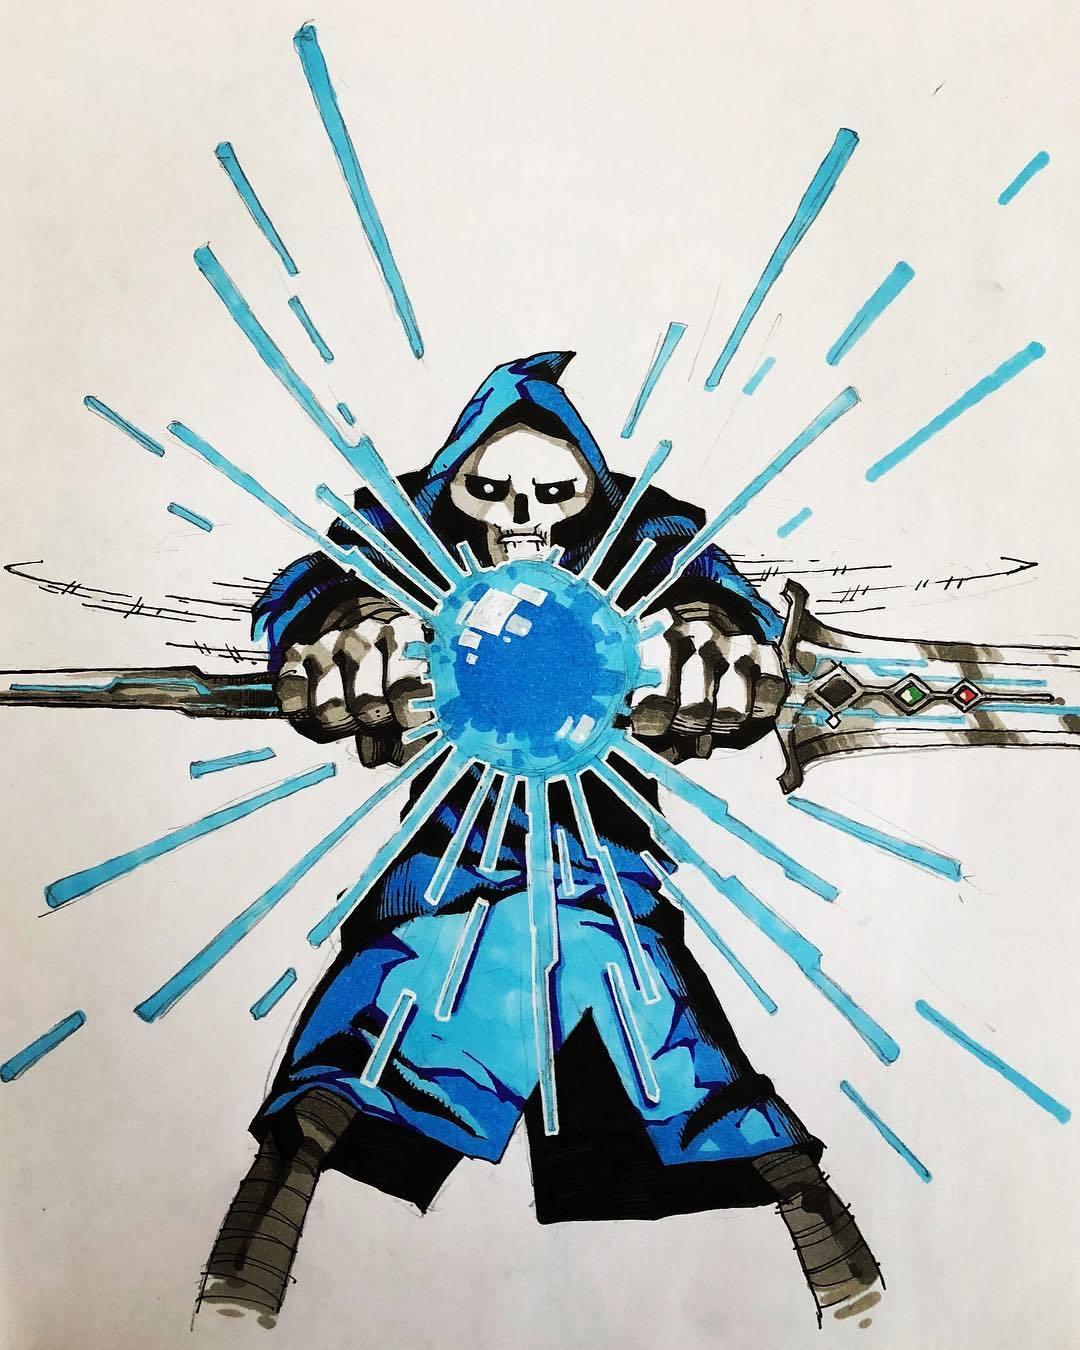 Похитители мечей. - Изображение 31